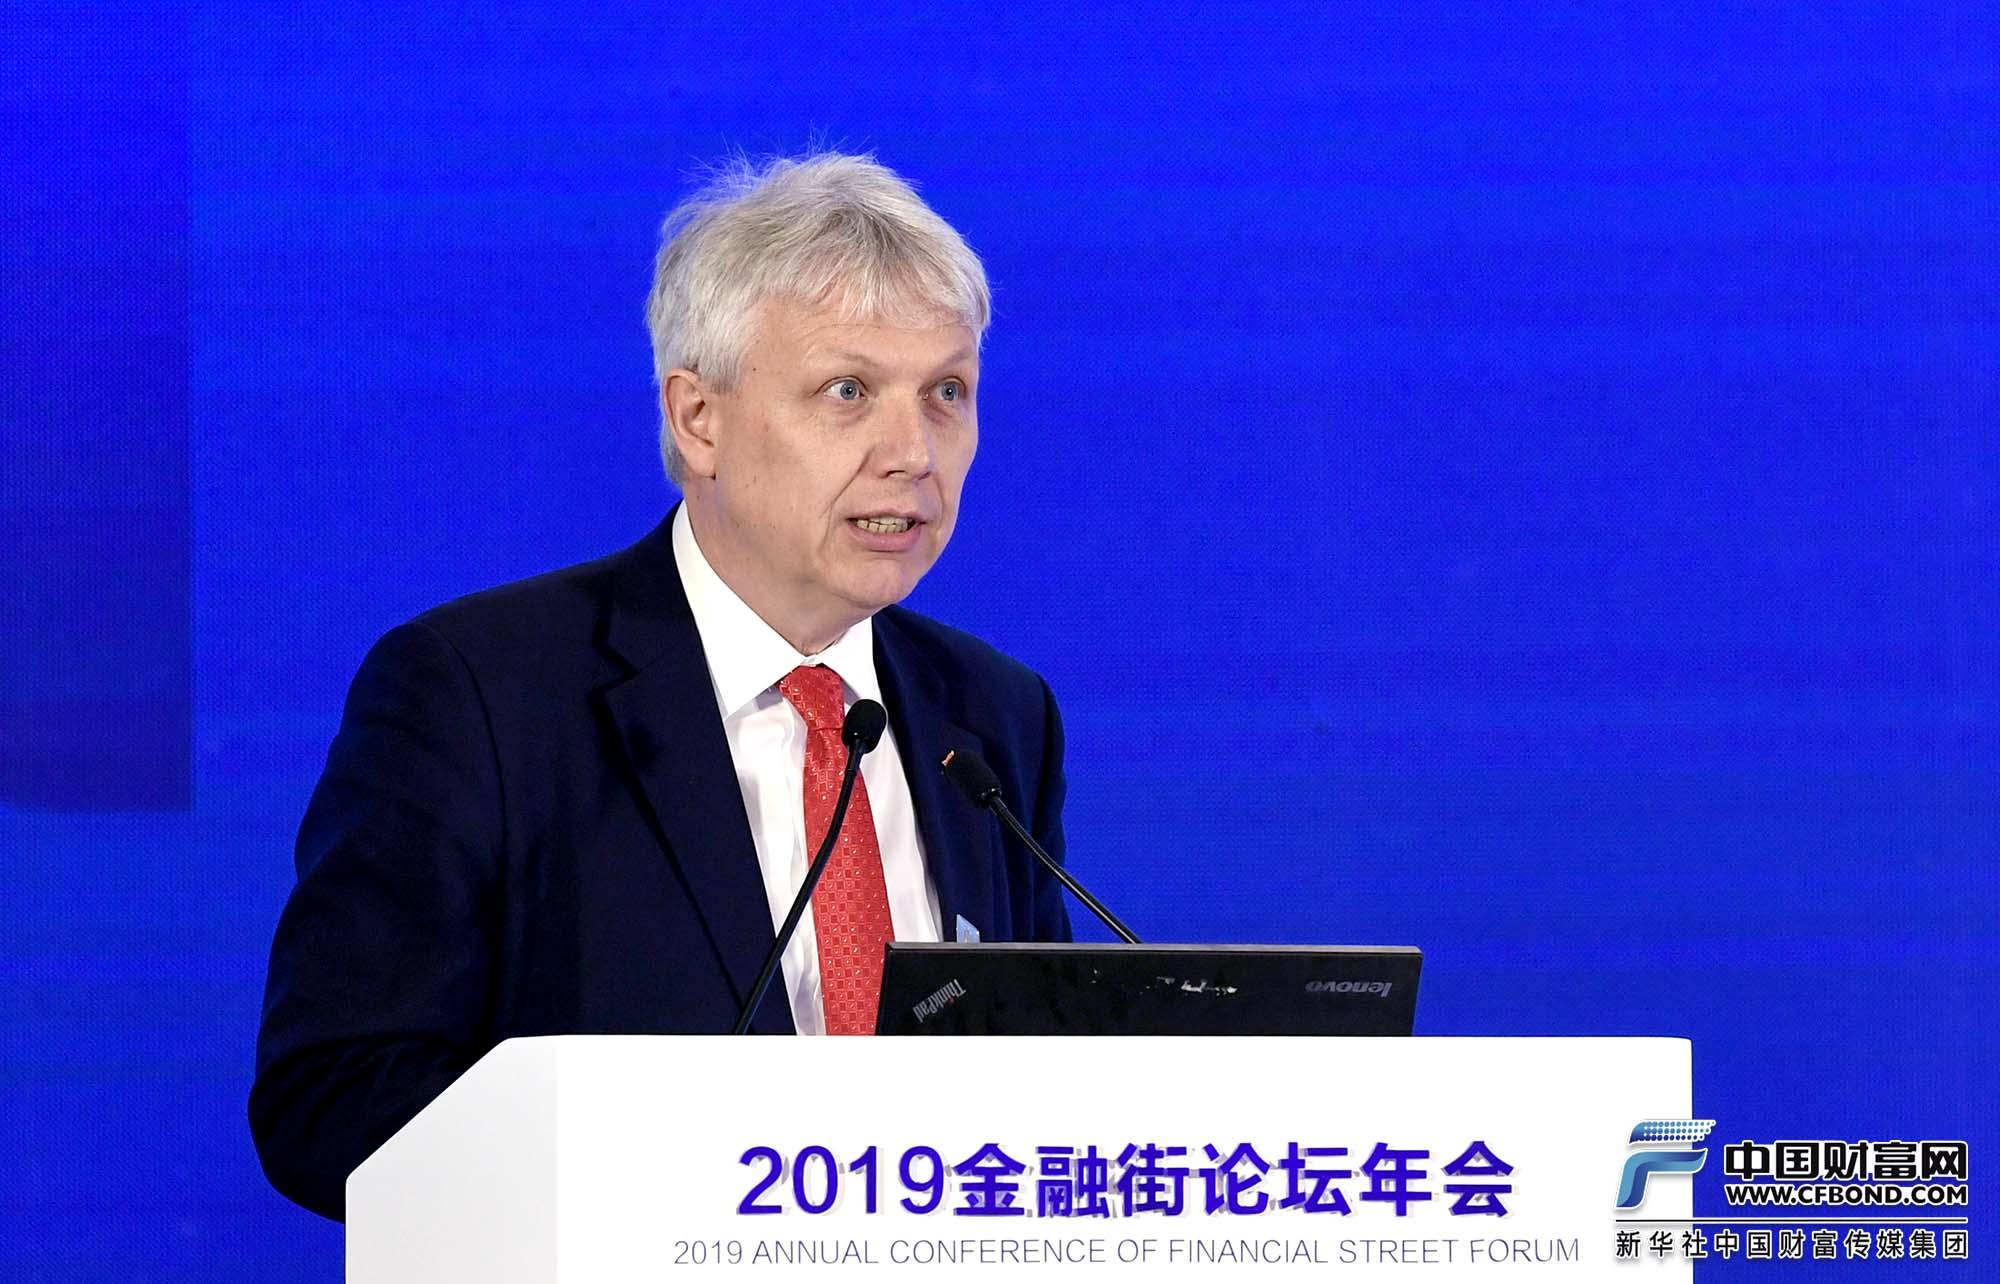 演讲嘉宾:英中贸易协会总裁 Matthew Rous